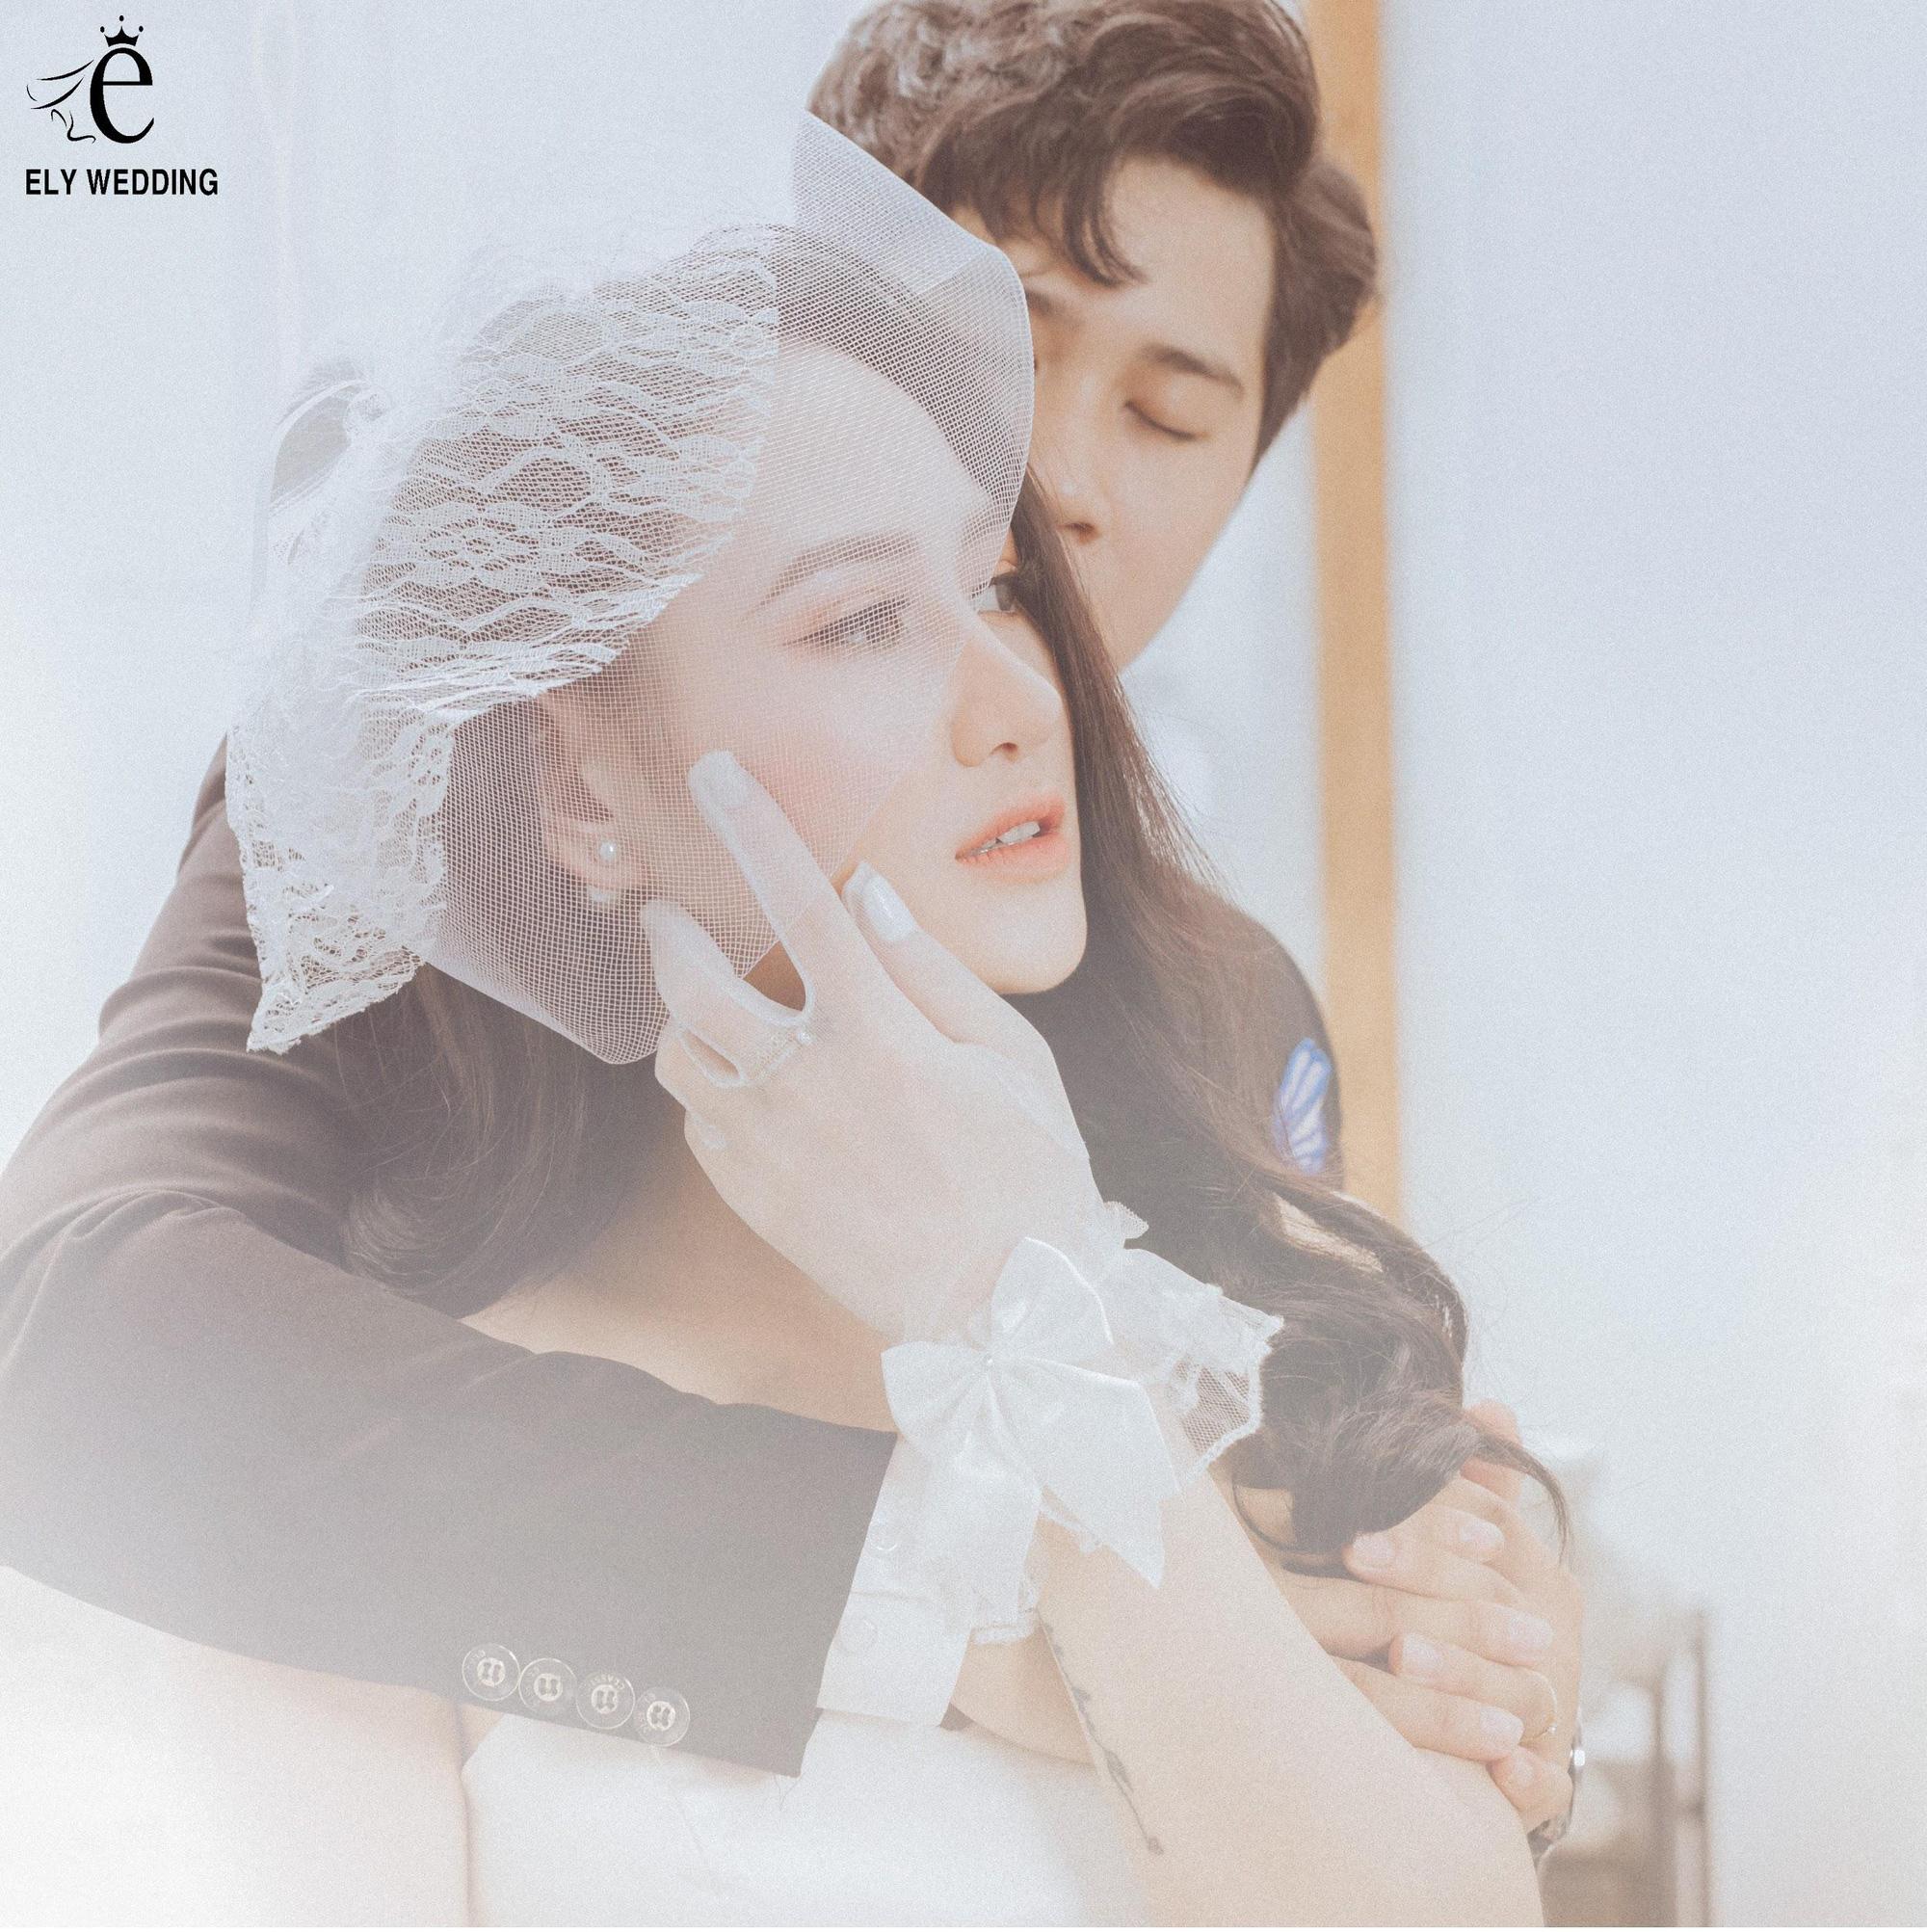 Bộ ảnh cưới siêu hot của Kiếm thủ Lê Minh Hằng - Em gái quốc dân làng thể thao Việt Nam - Ảnh 7.